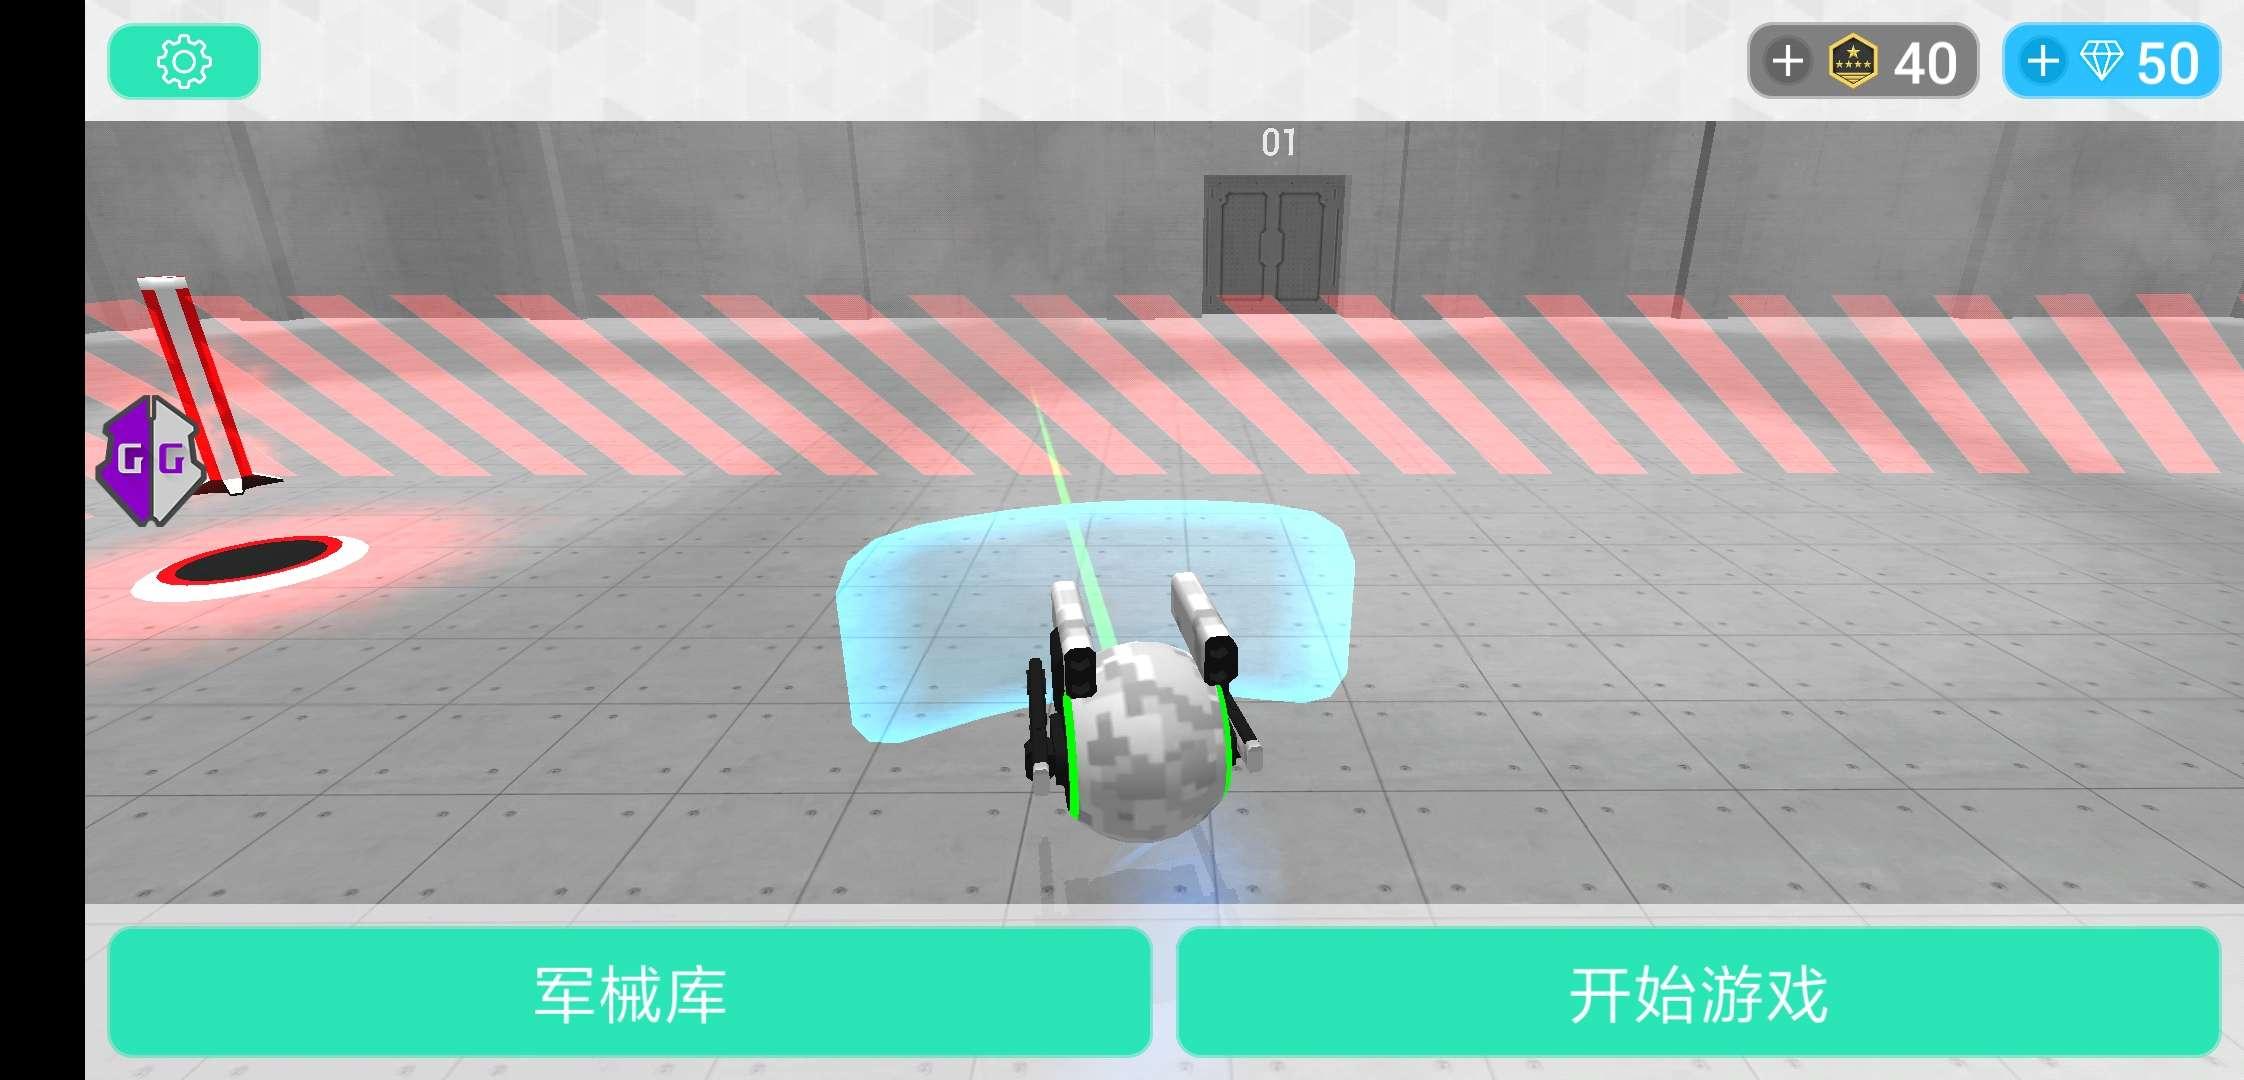 【无邪原创】星际守护者v3.0-www.im86.com